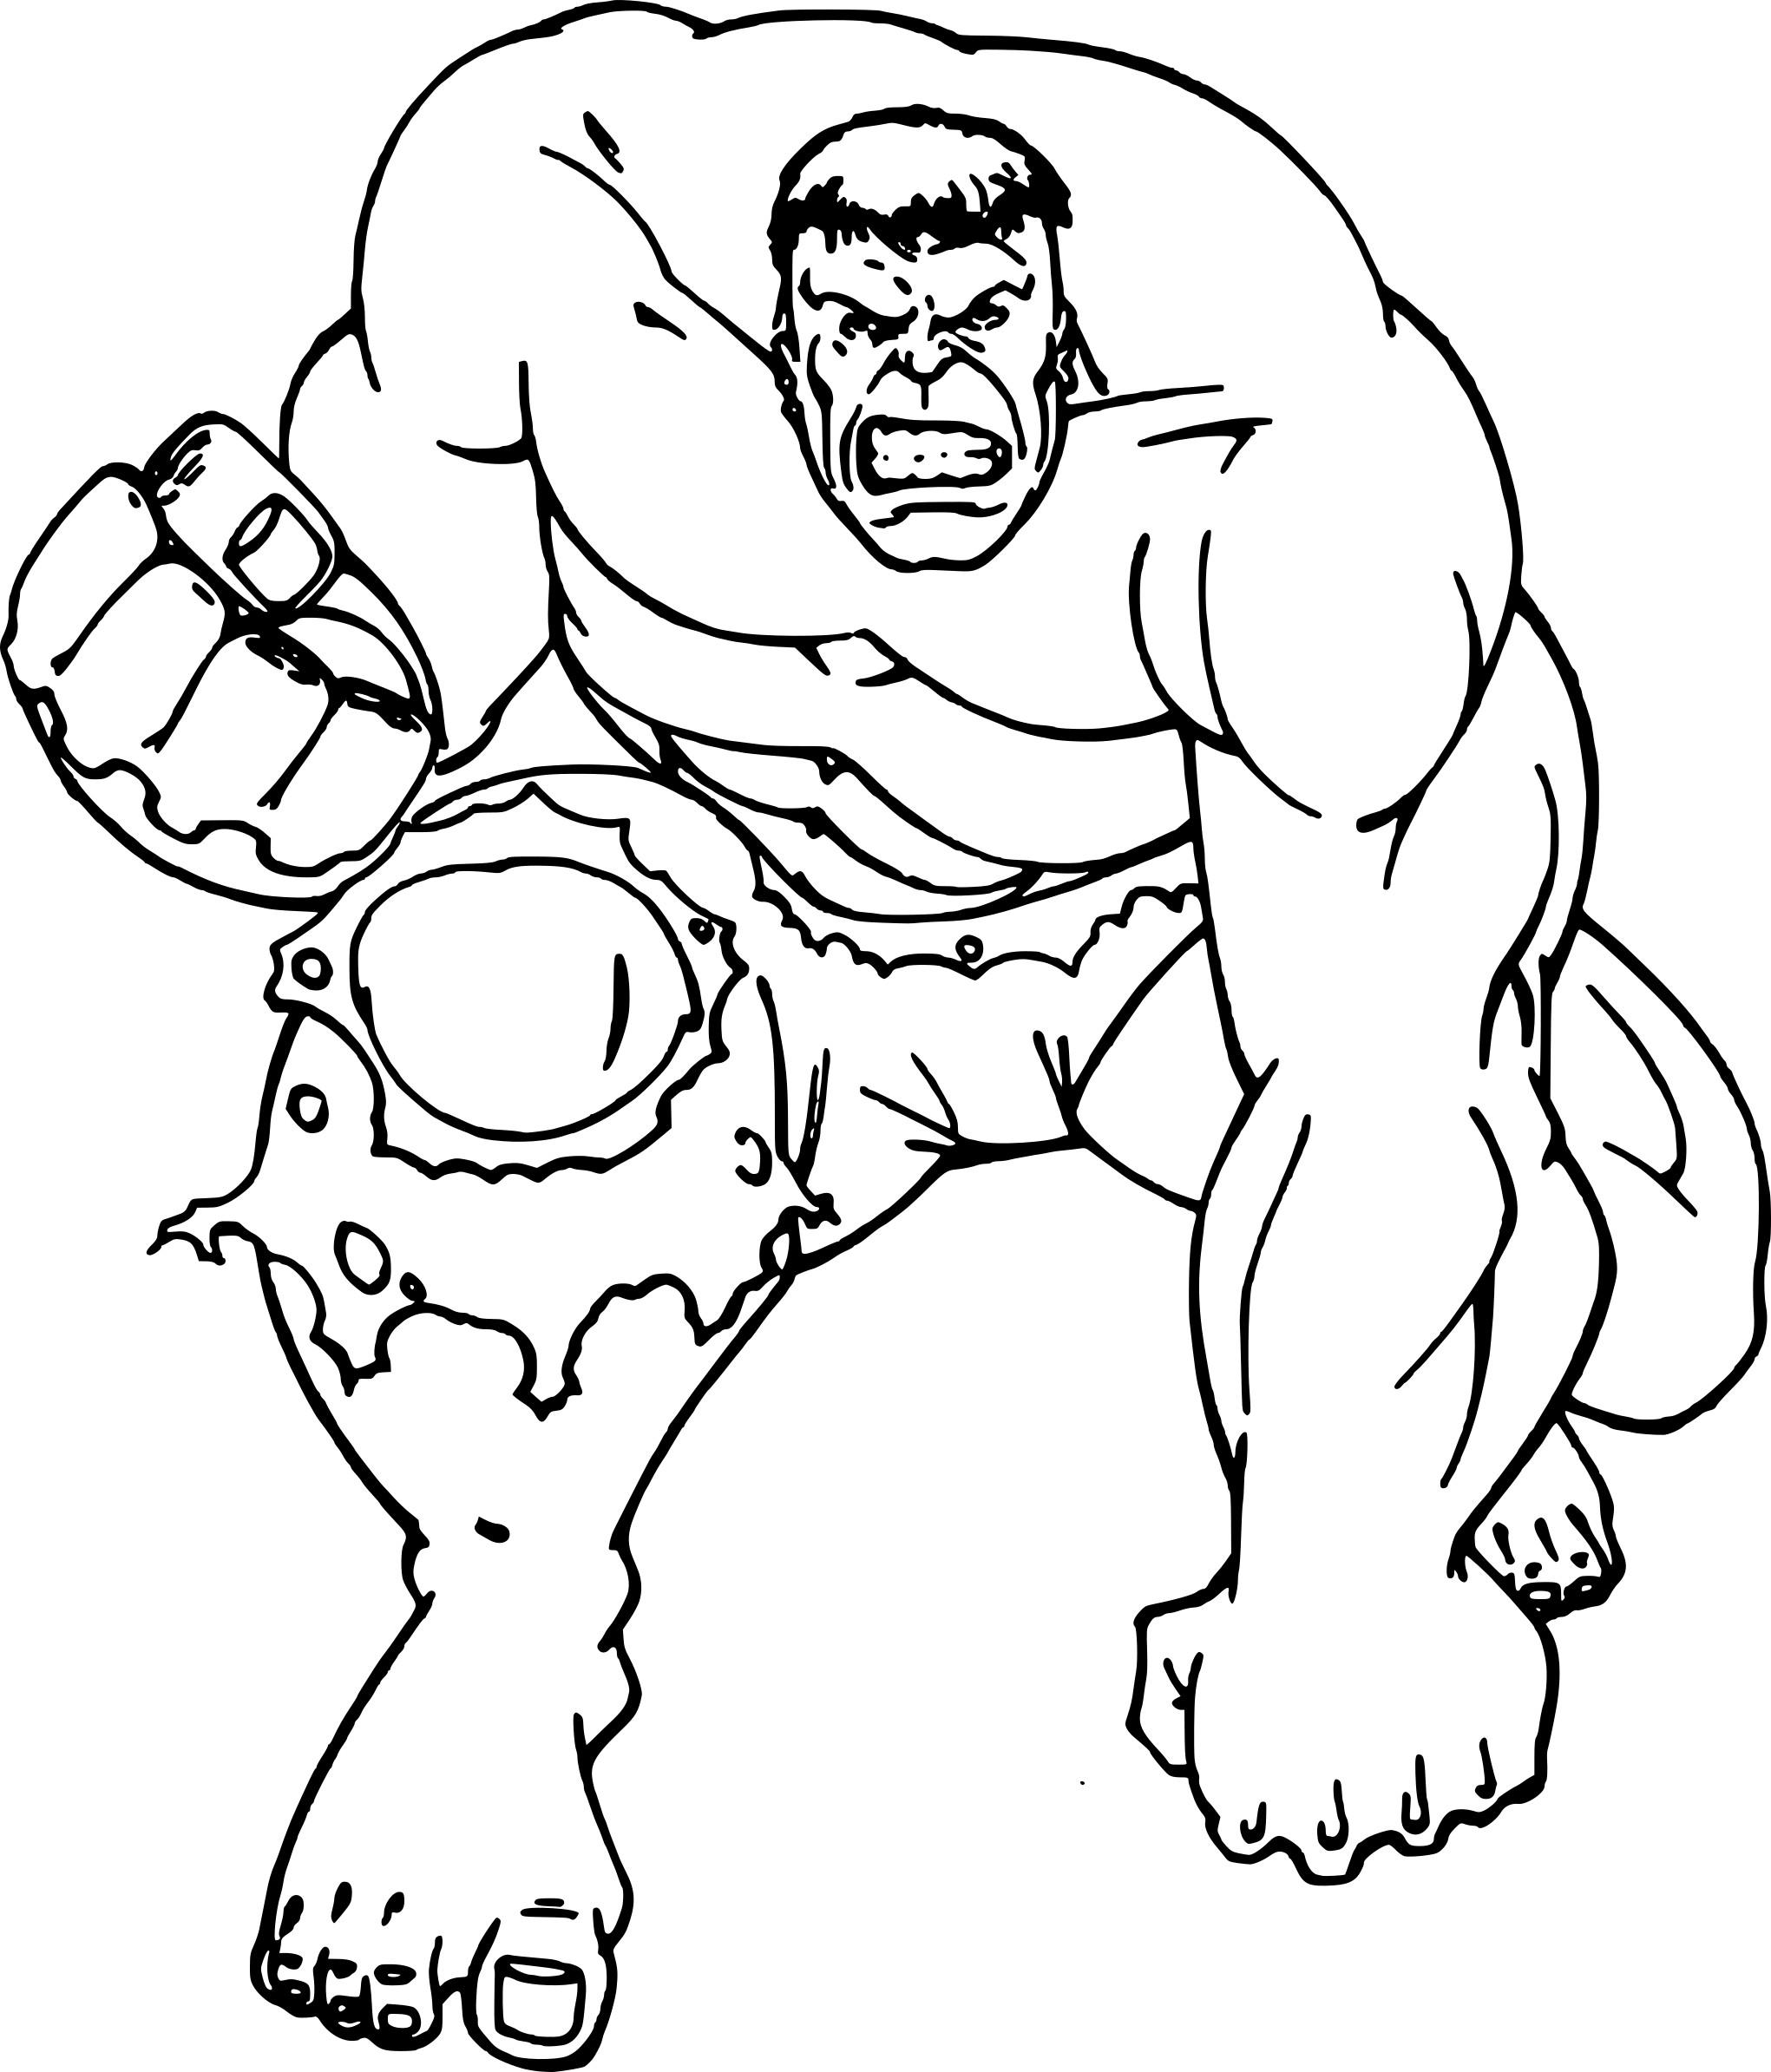 Coloriage hulk le super h ros imprimer et colorier - Coloriage spiderman et hulk ...